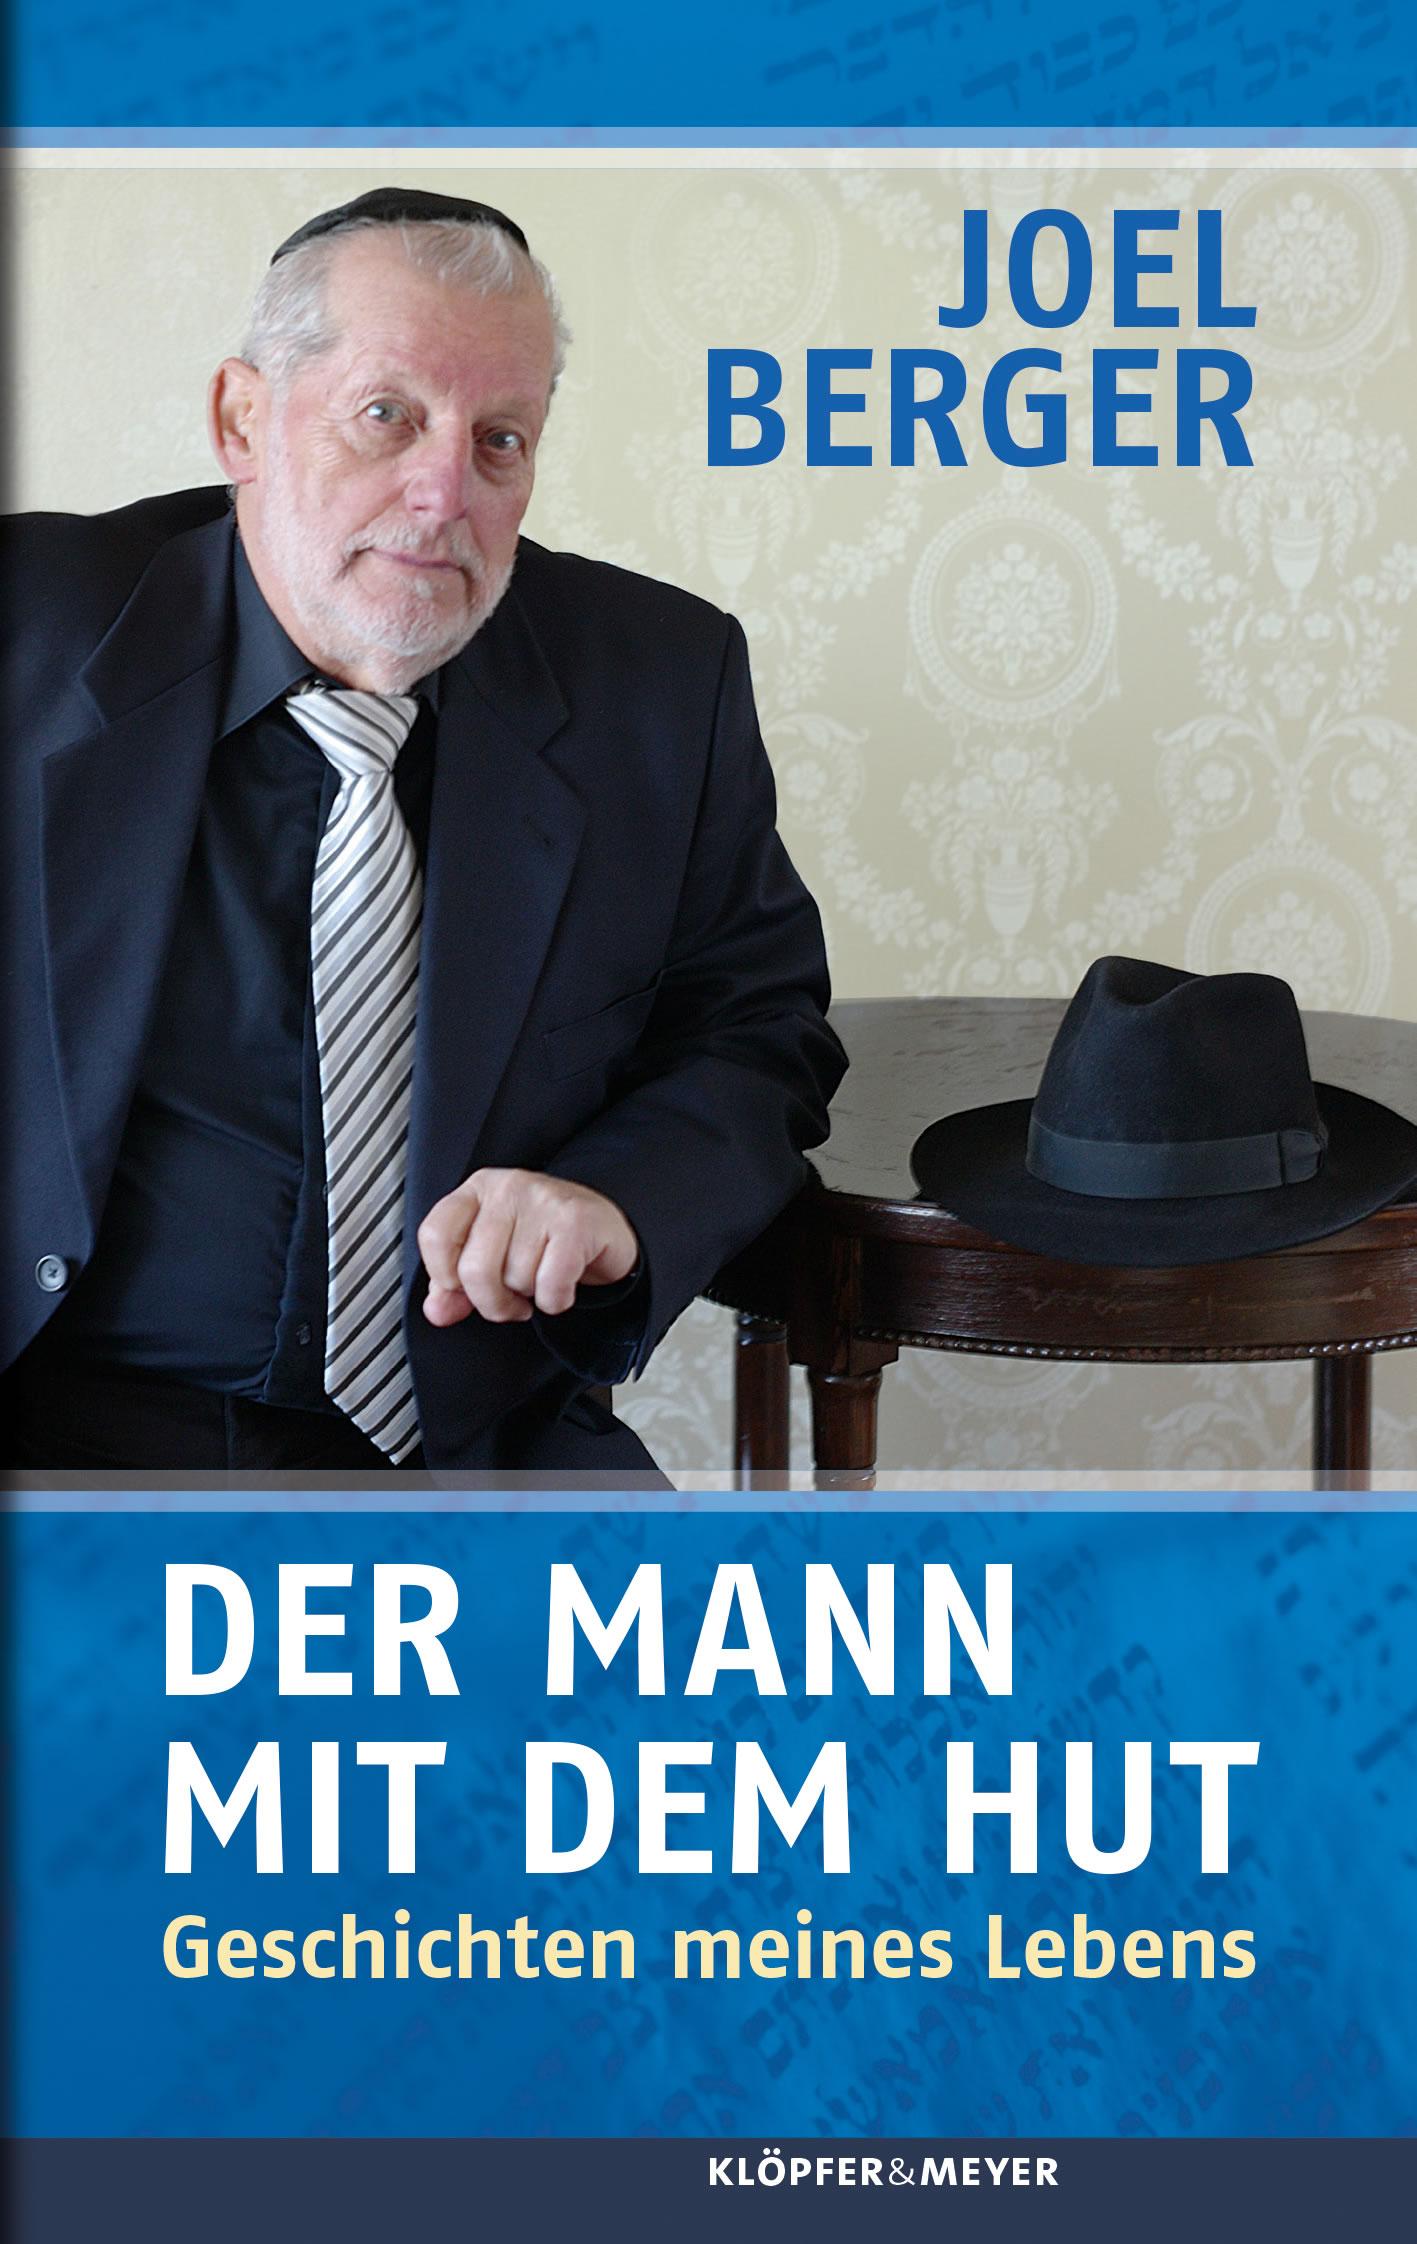 Joel Berger/ © Klöpfer & Meyer Verlag